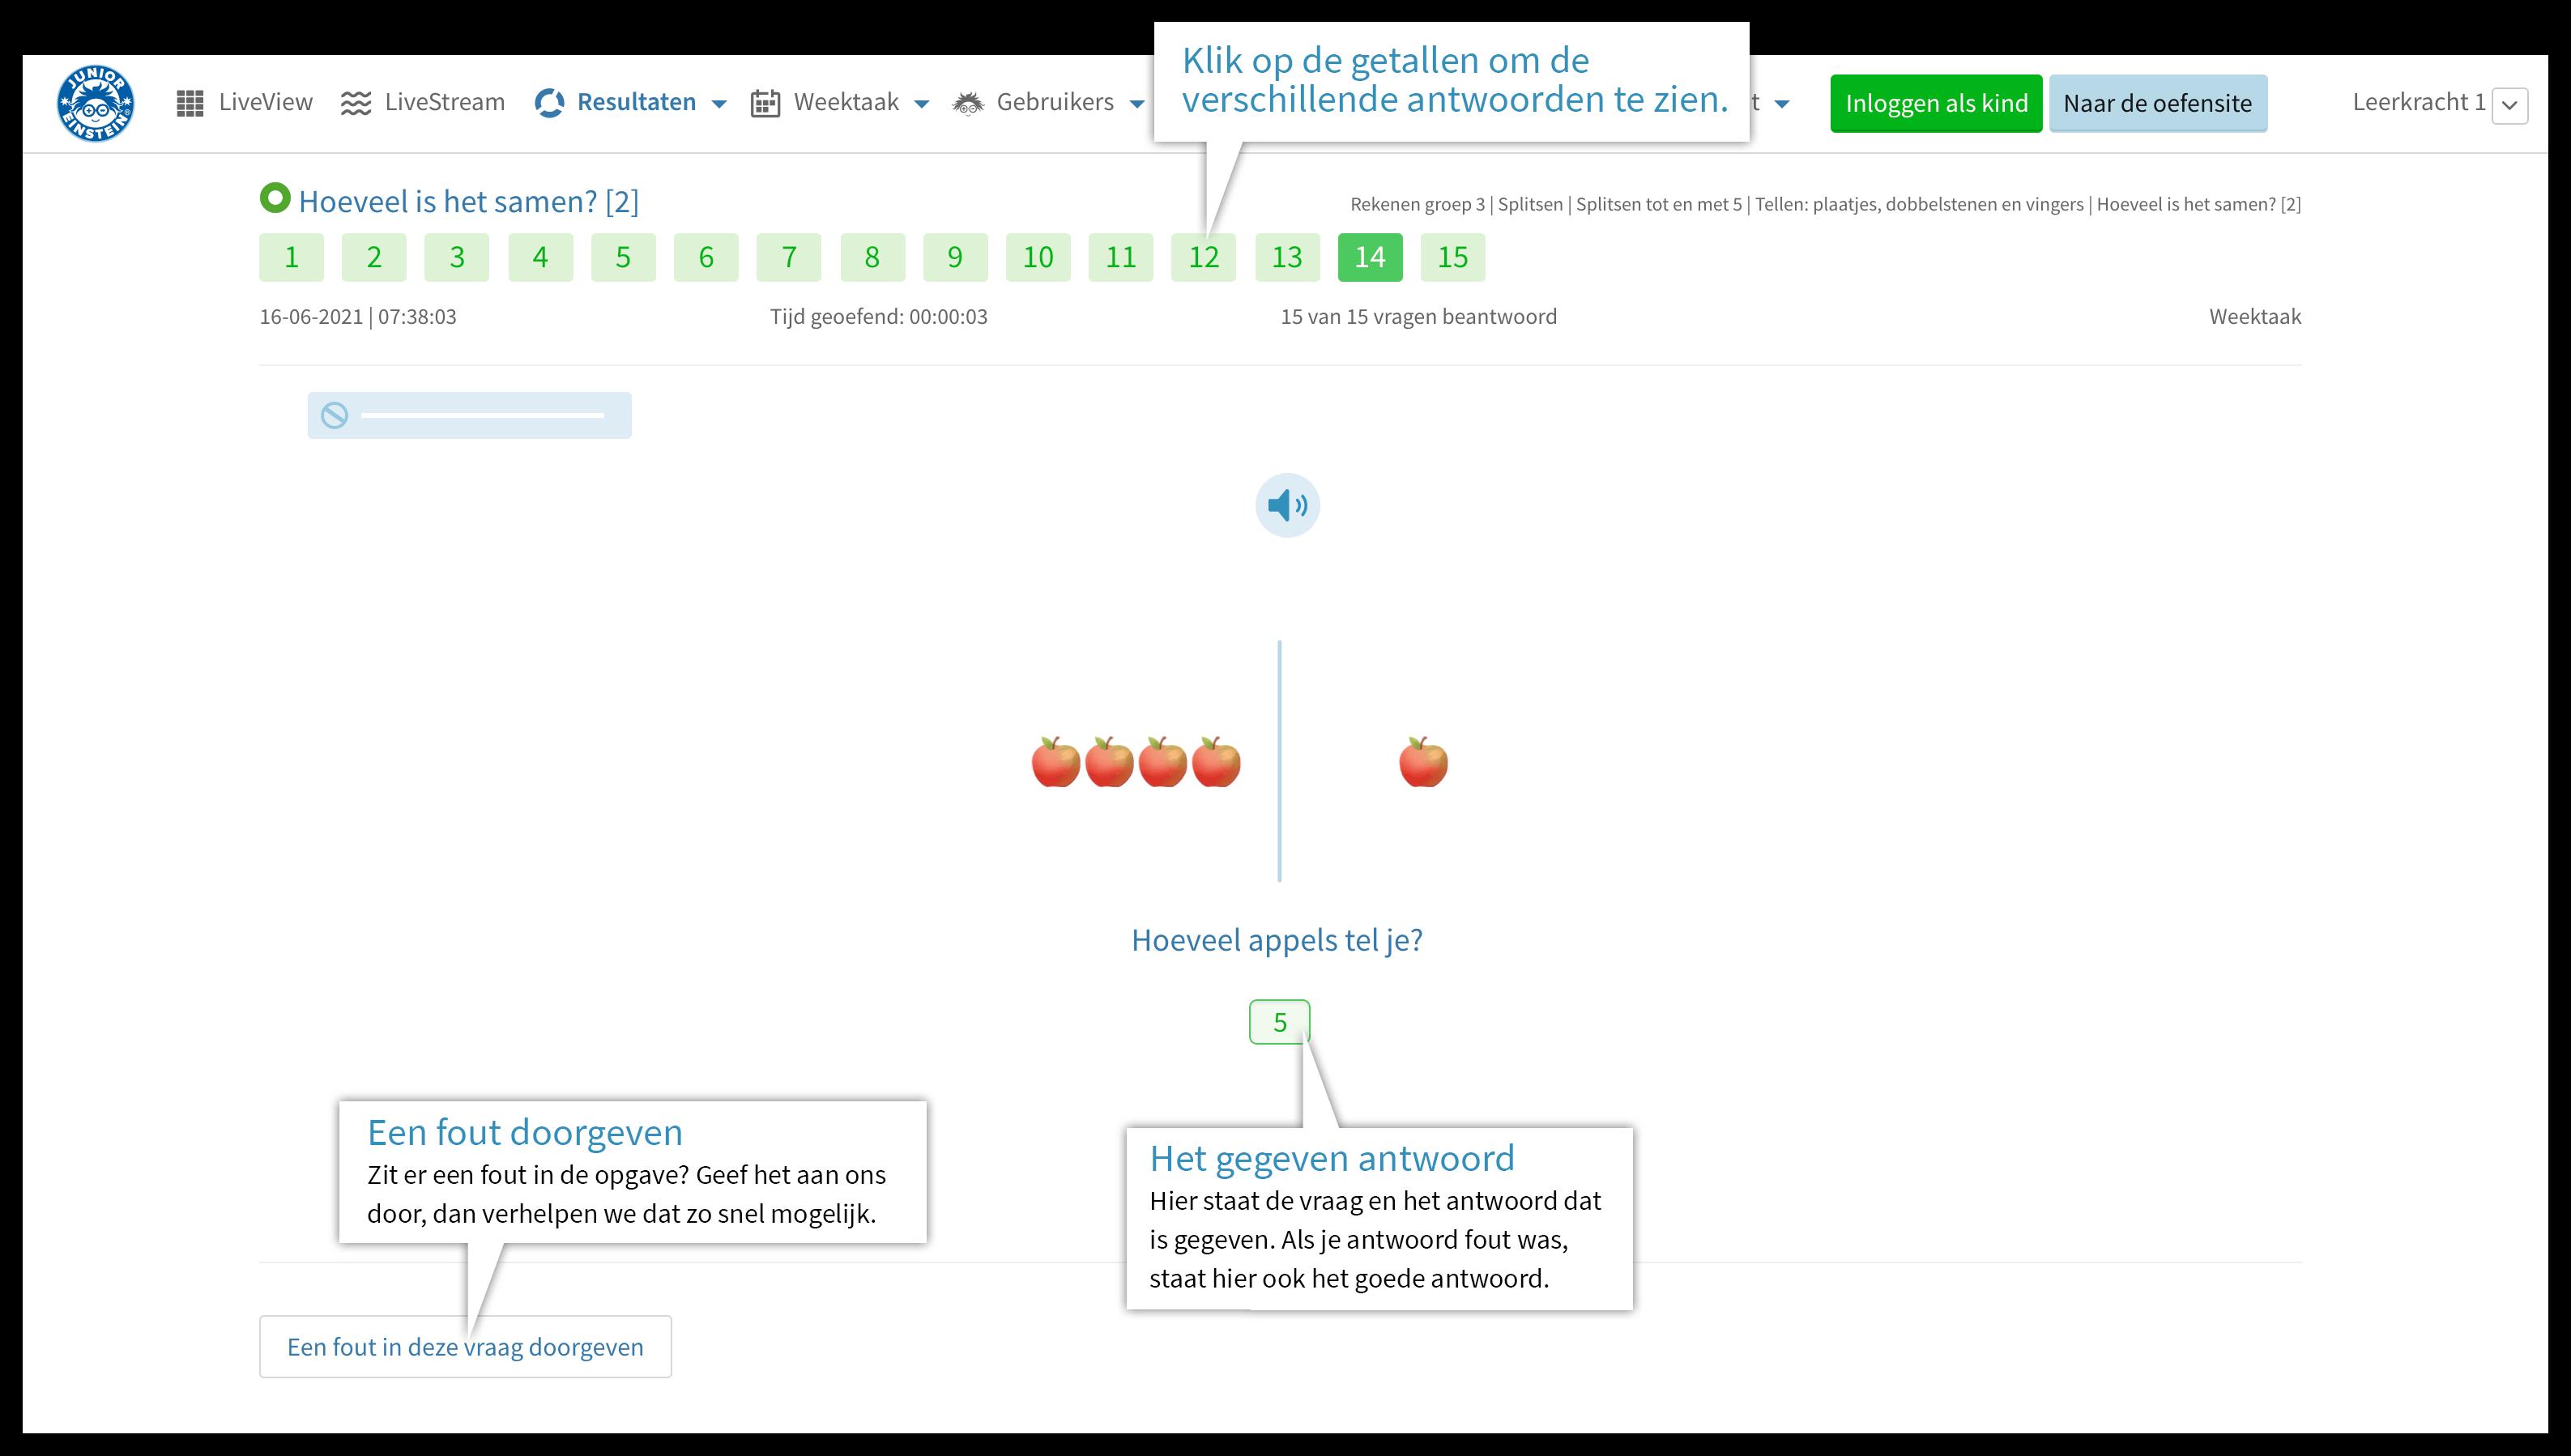 Resultaten - gegeven antwoord